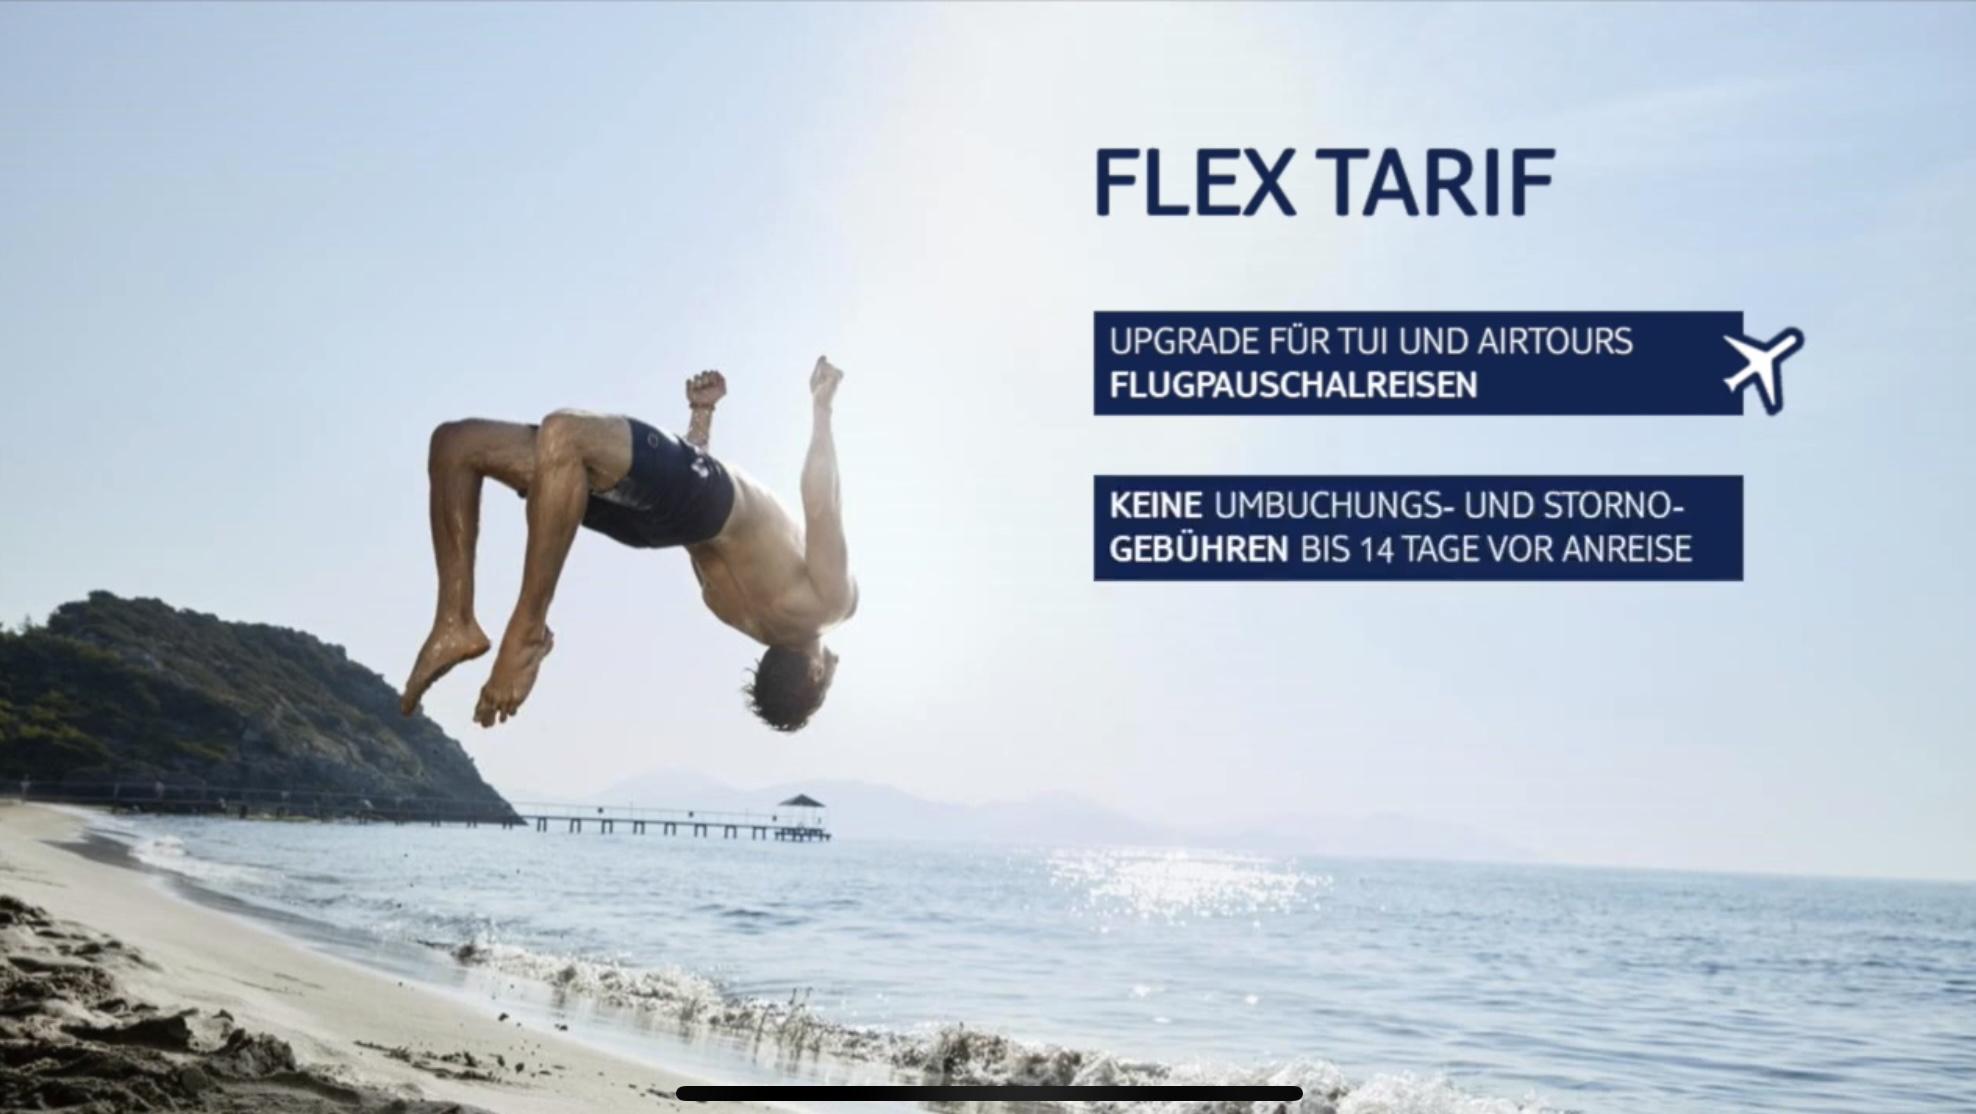 Neuer Flex Tarif für Flugpauschalreisen bei TUI